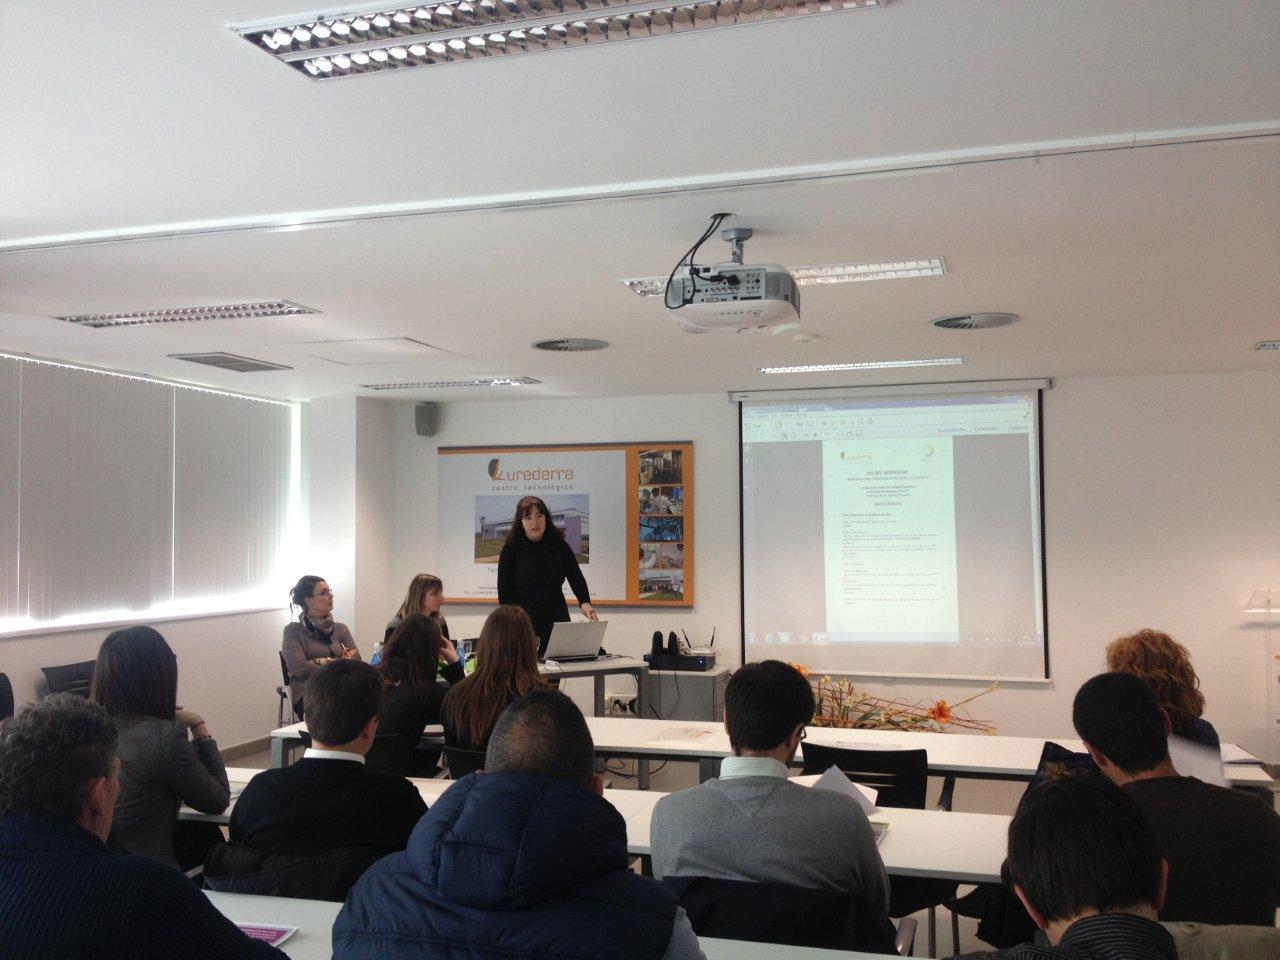 WORKSHOP SOBRE ACTIVIDADES DE RECICLADO EN LUREDERRA 26/03/2014